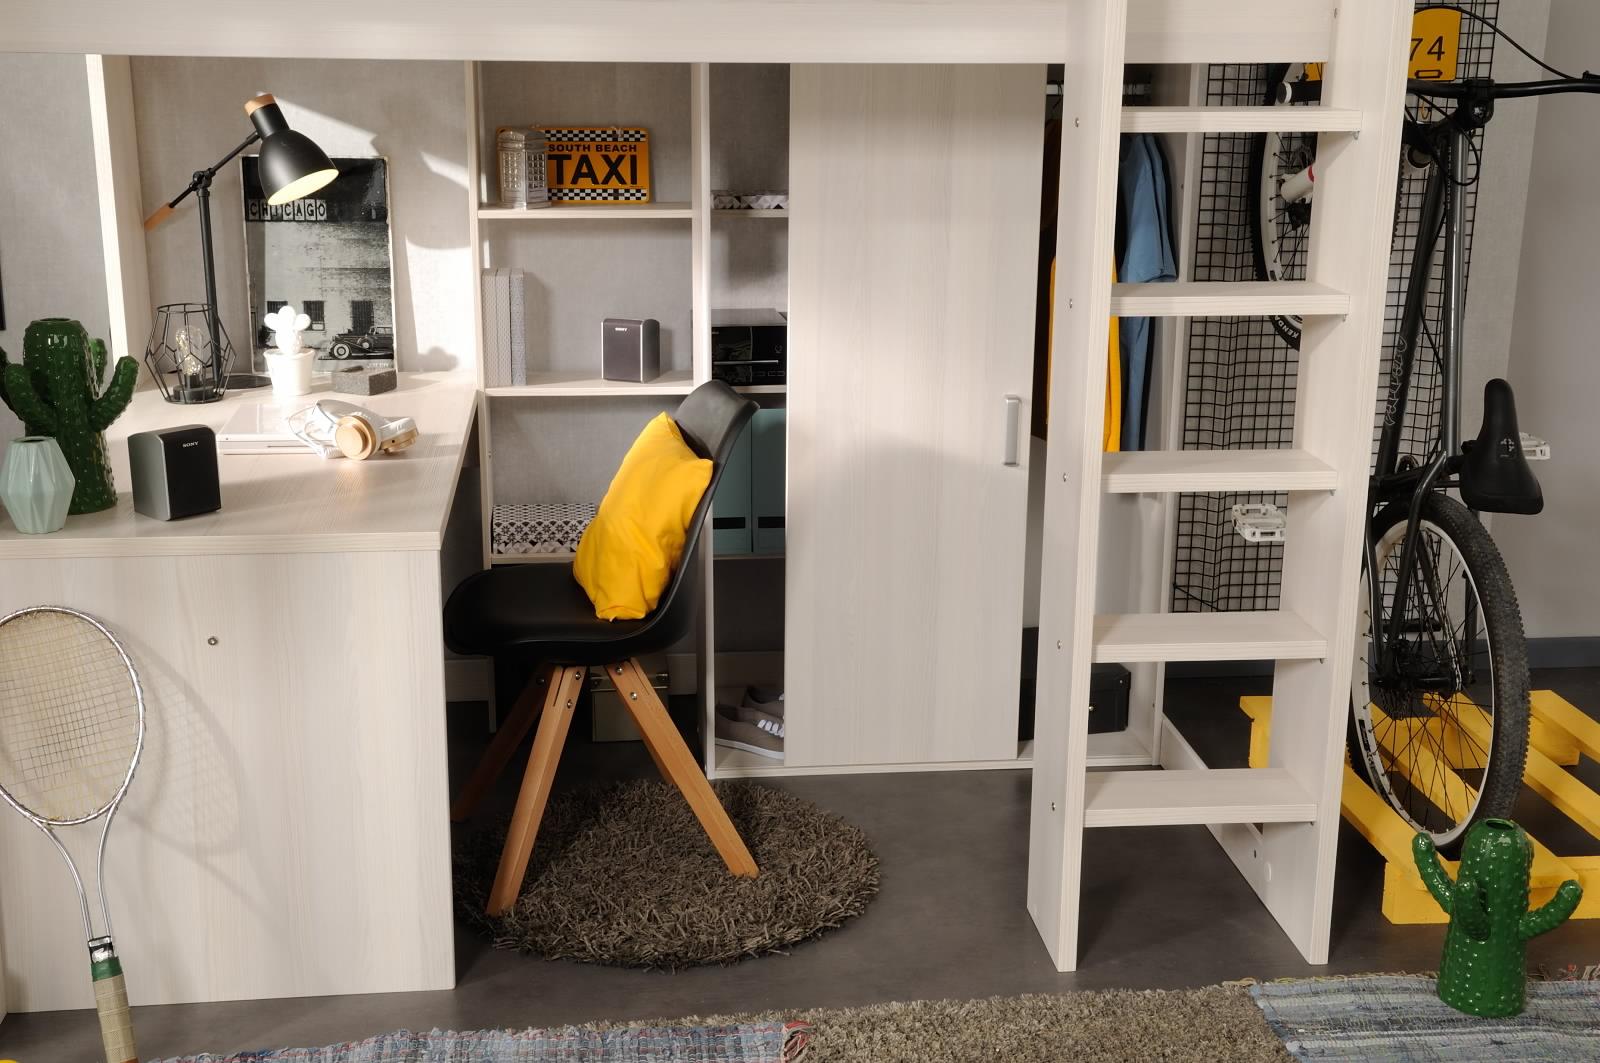 90x200 hochbett inkl integrierter schreibtisch u schrank higher 1b von by ebay. Black Bedroom Furniture Sets. Home Design Ideas